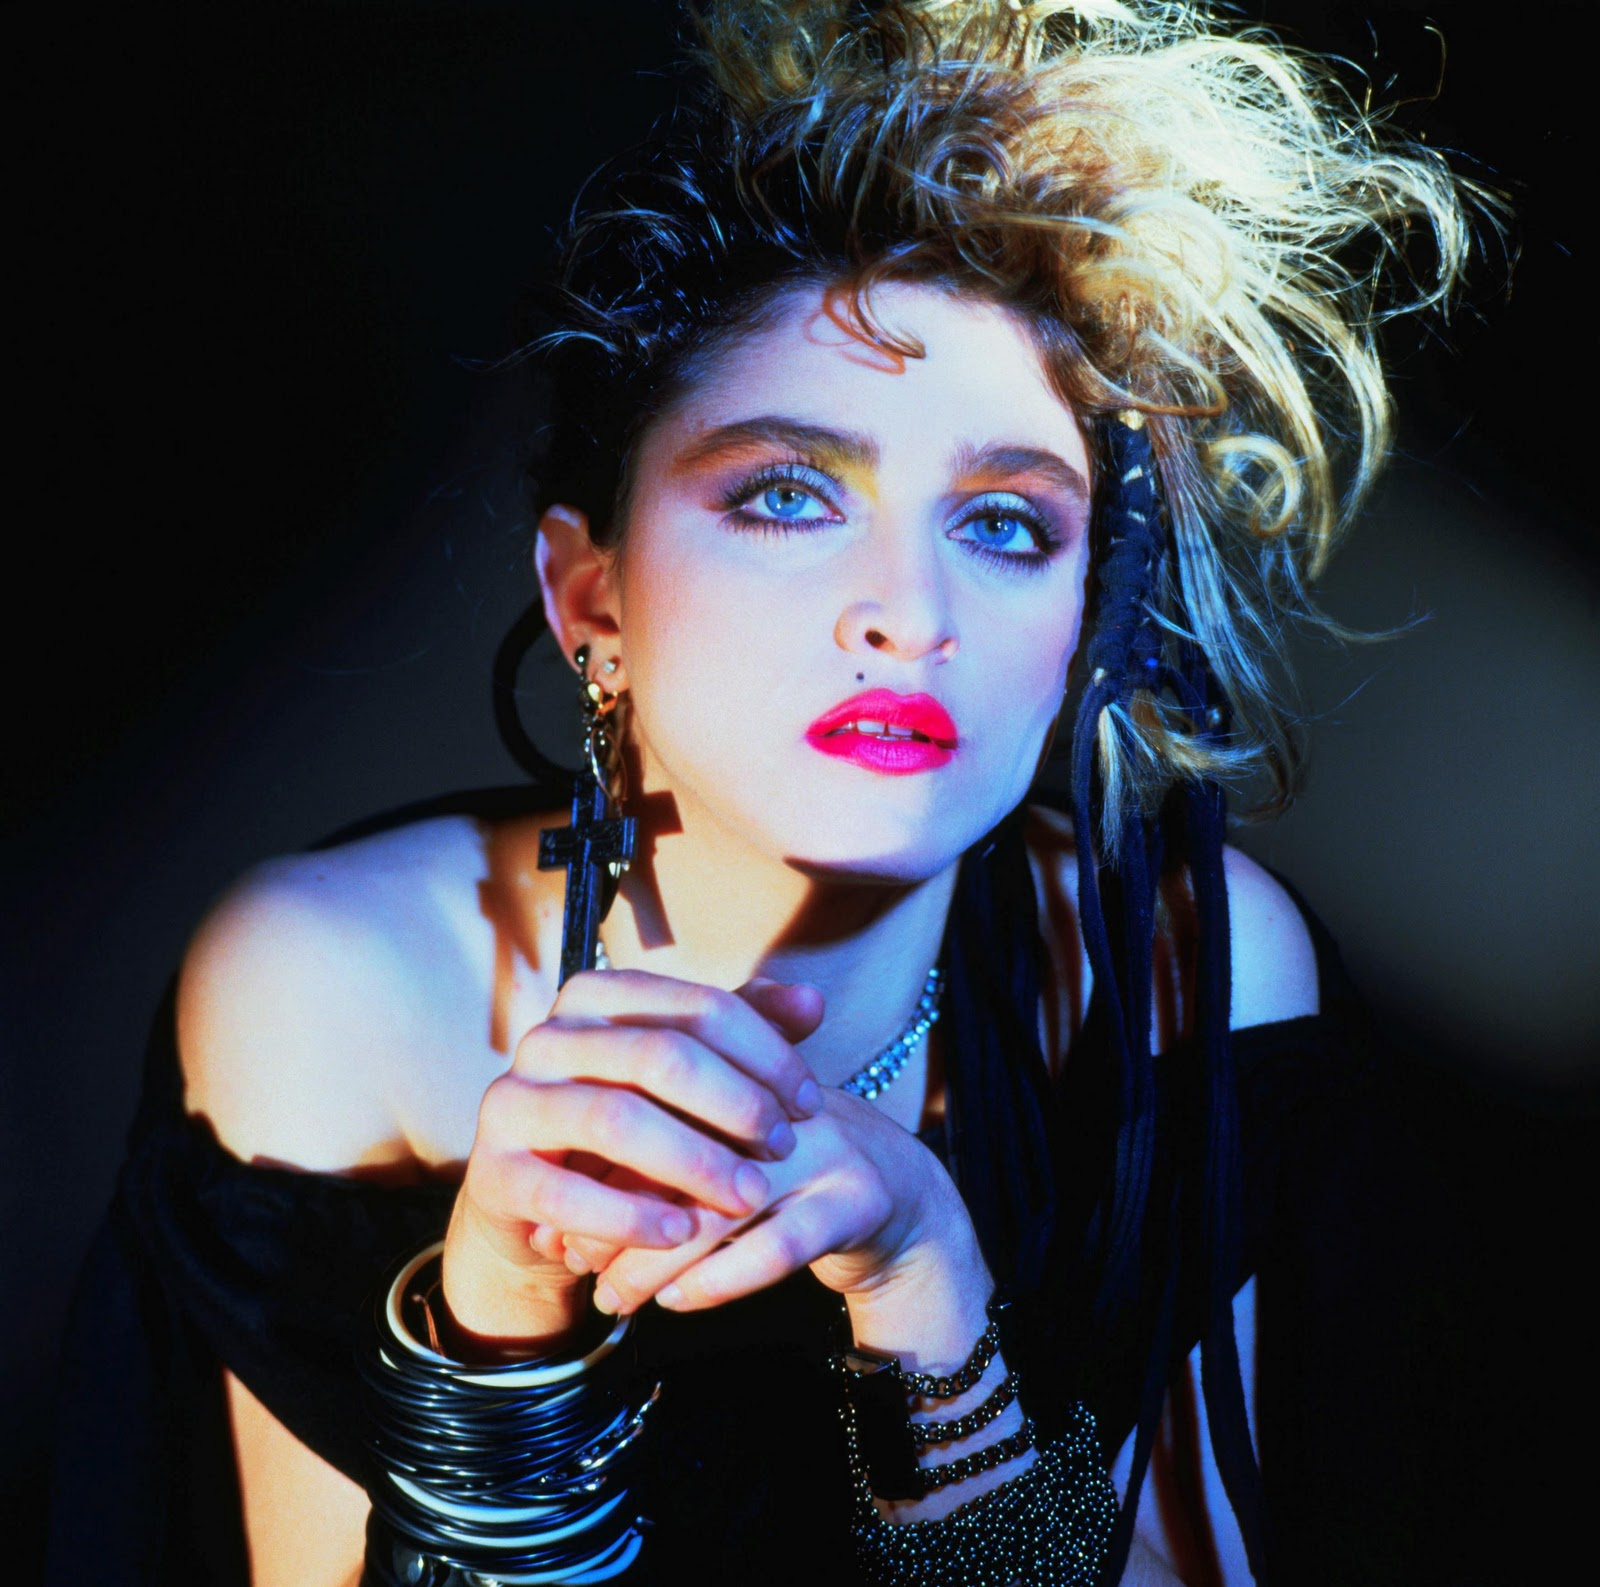 http://4.bp.blogspot.com/_qkdu4uOwe4A/TTDqY5pNjKI/AAAAAAAABjw/0z5sAUksLRc/s1600/Madonna2.jpg